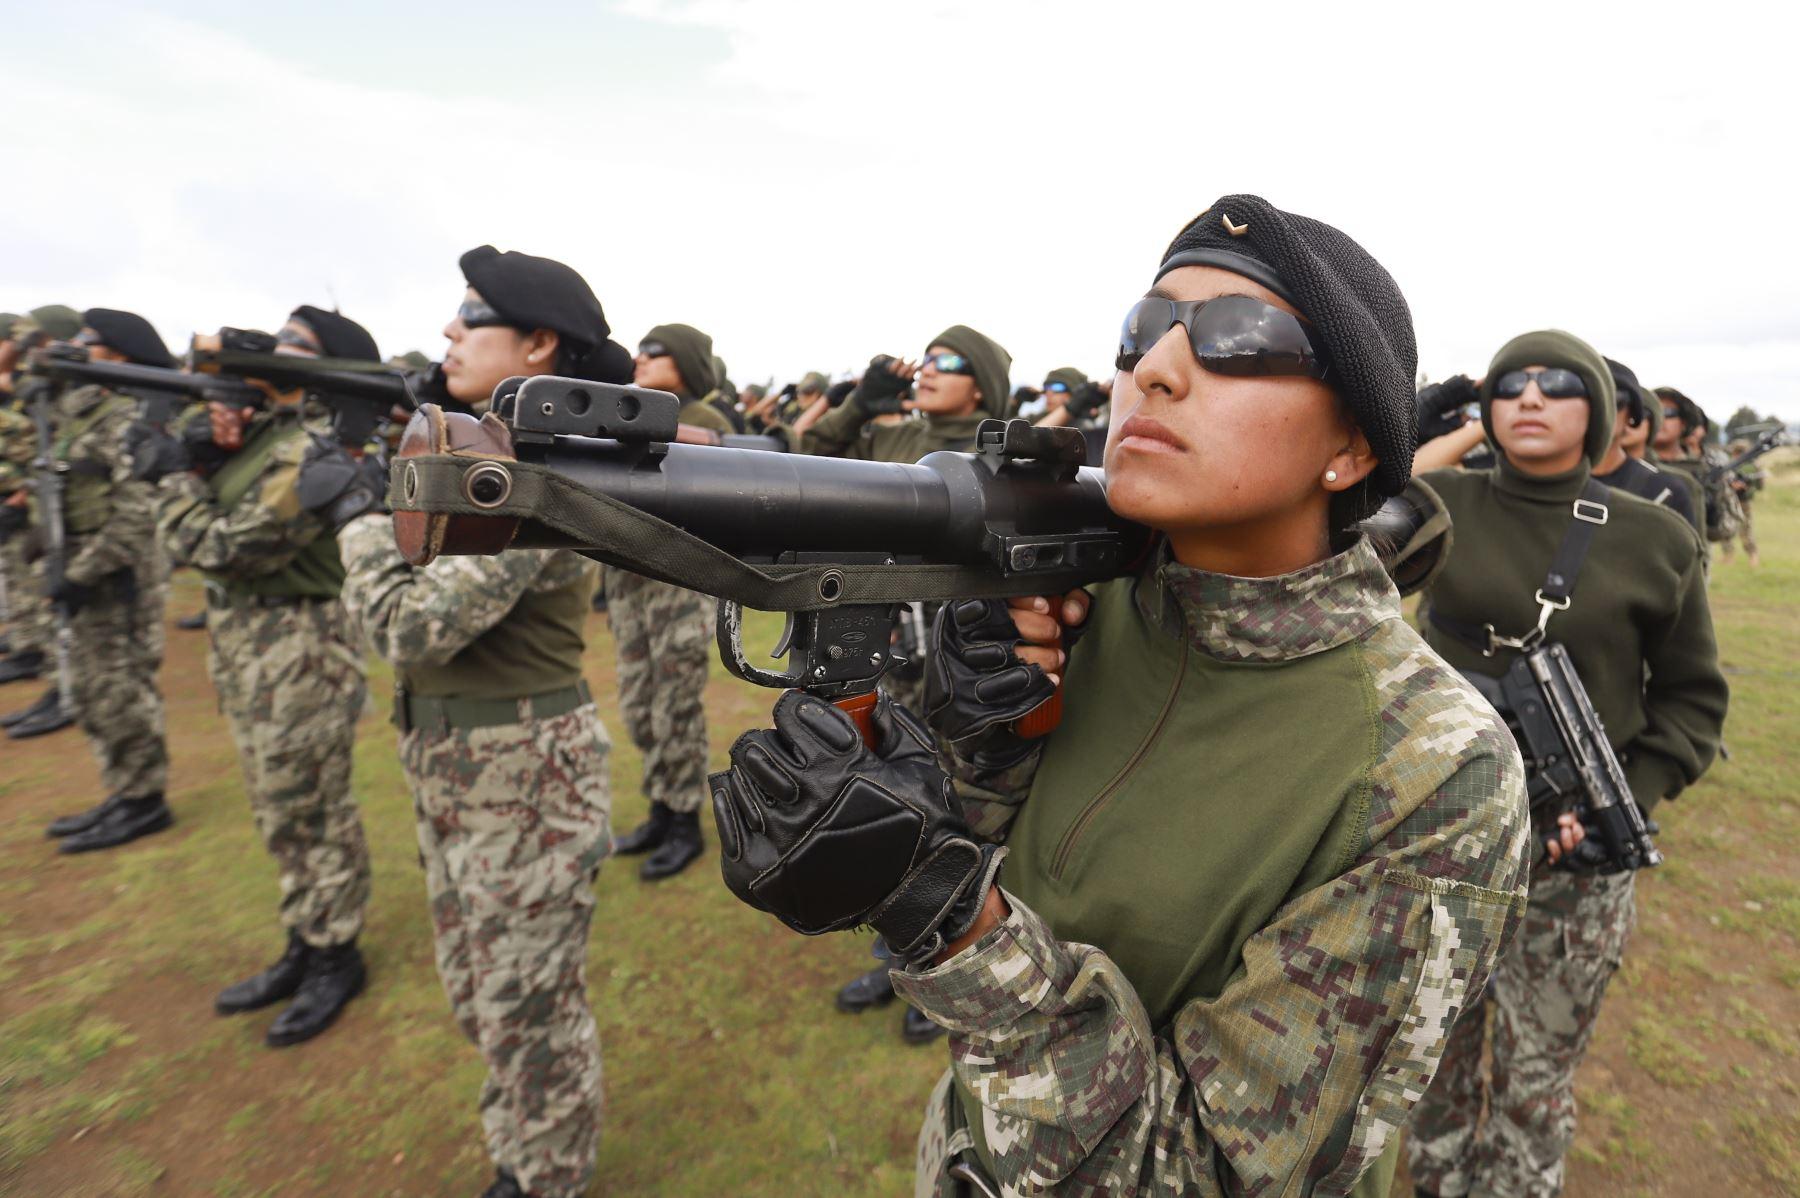 Presidente de la República, Martín Vizcarra participa en la  conmemoración  del 195.° aniversario de la Batalla de Ayacucho en Pampa de la Quinua , en Ayacucho. Foto: ANDINA/Prensa Presidencia